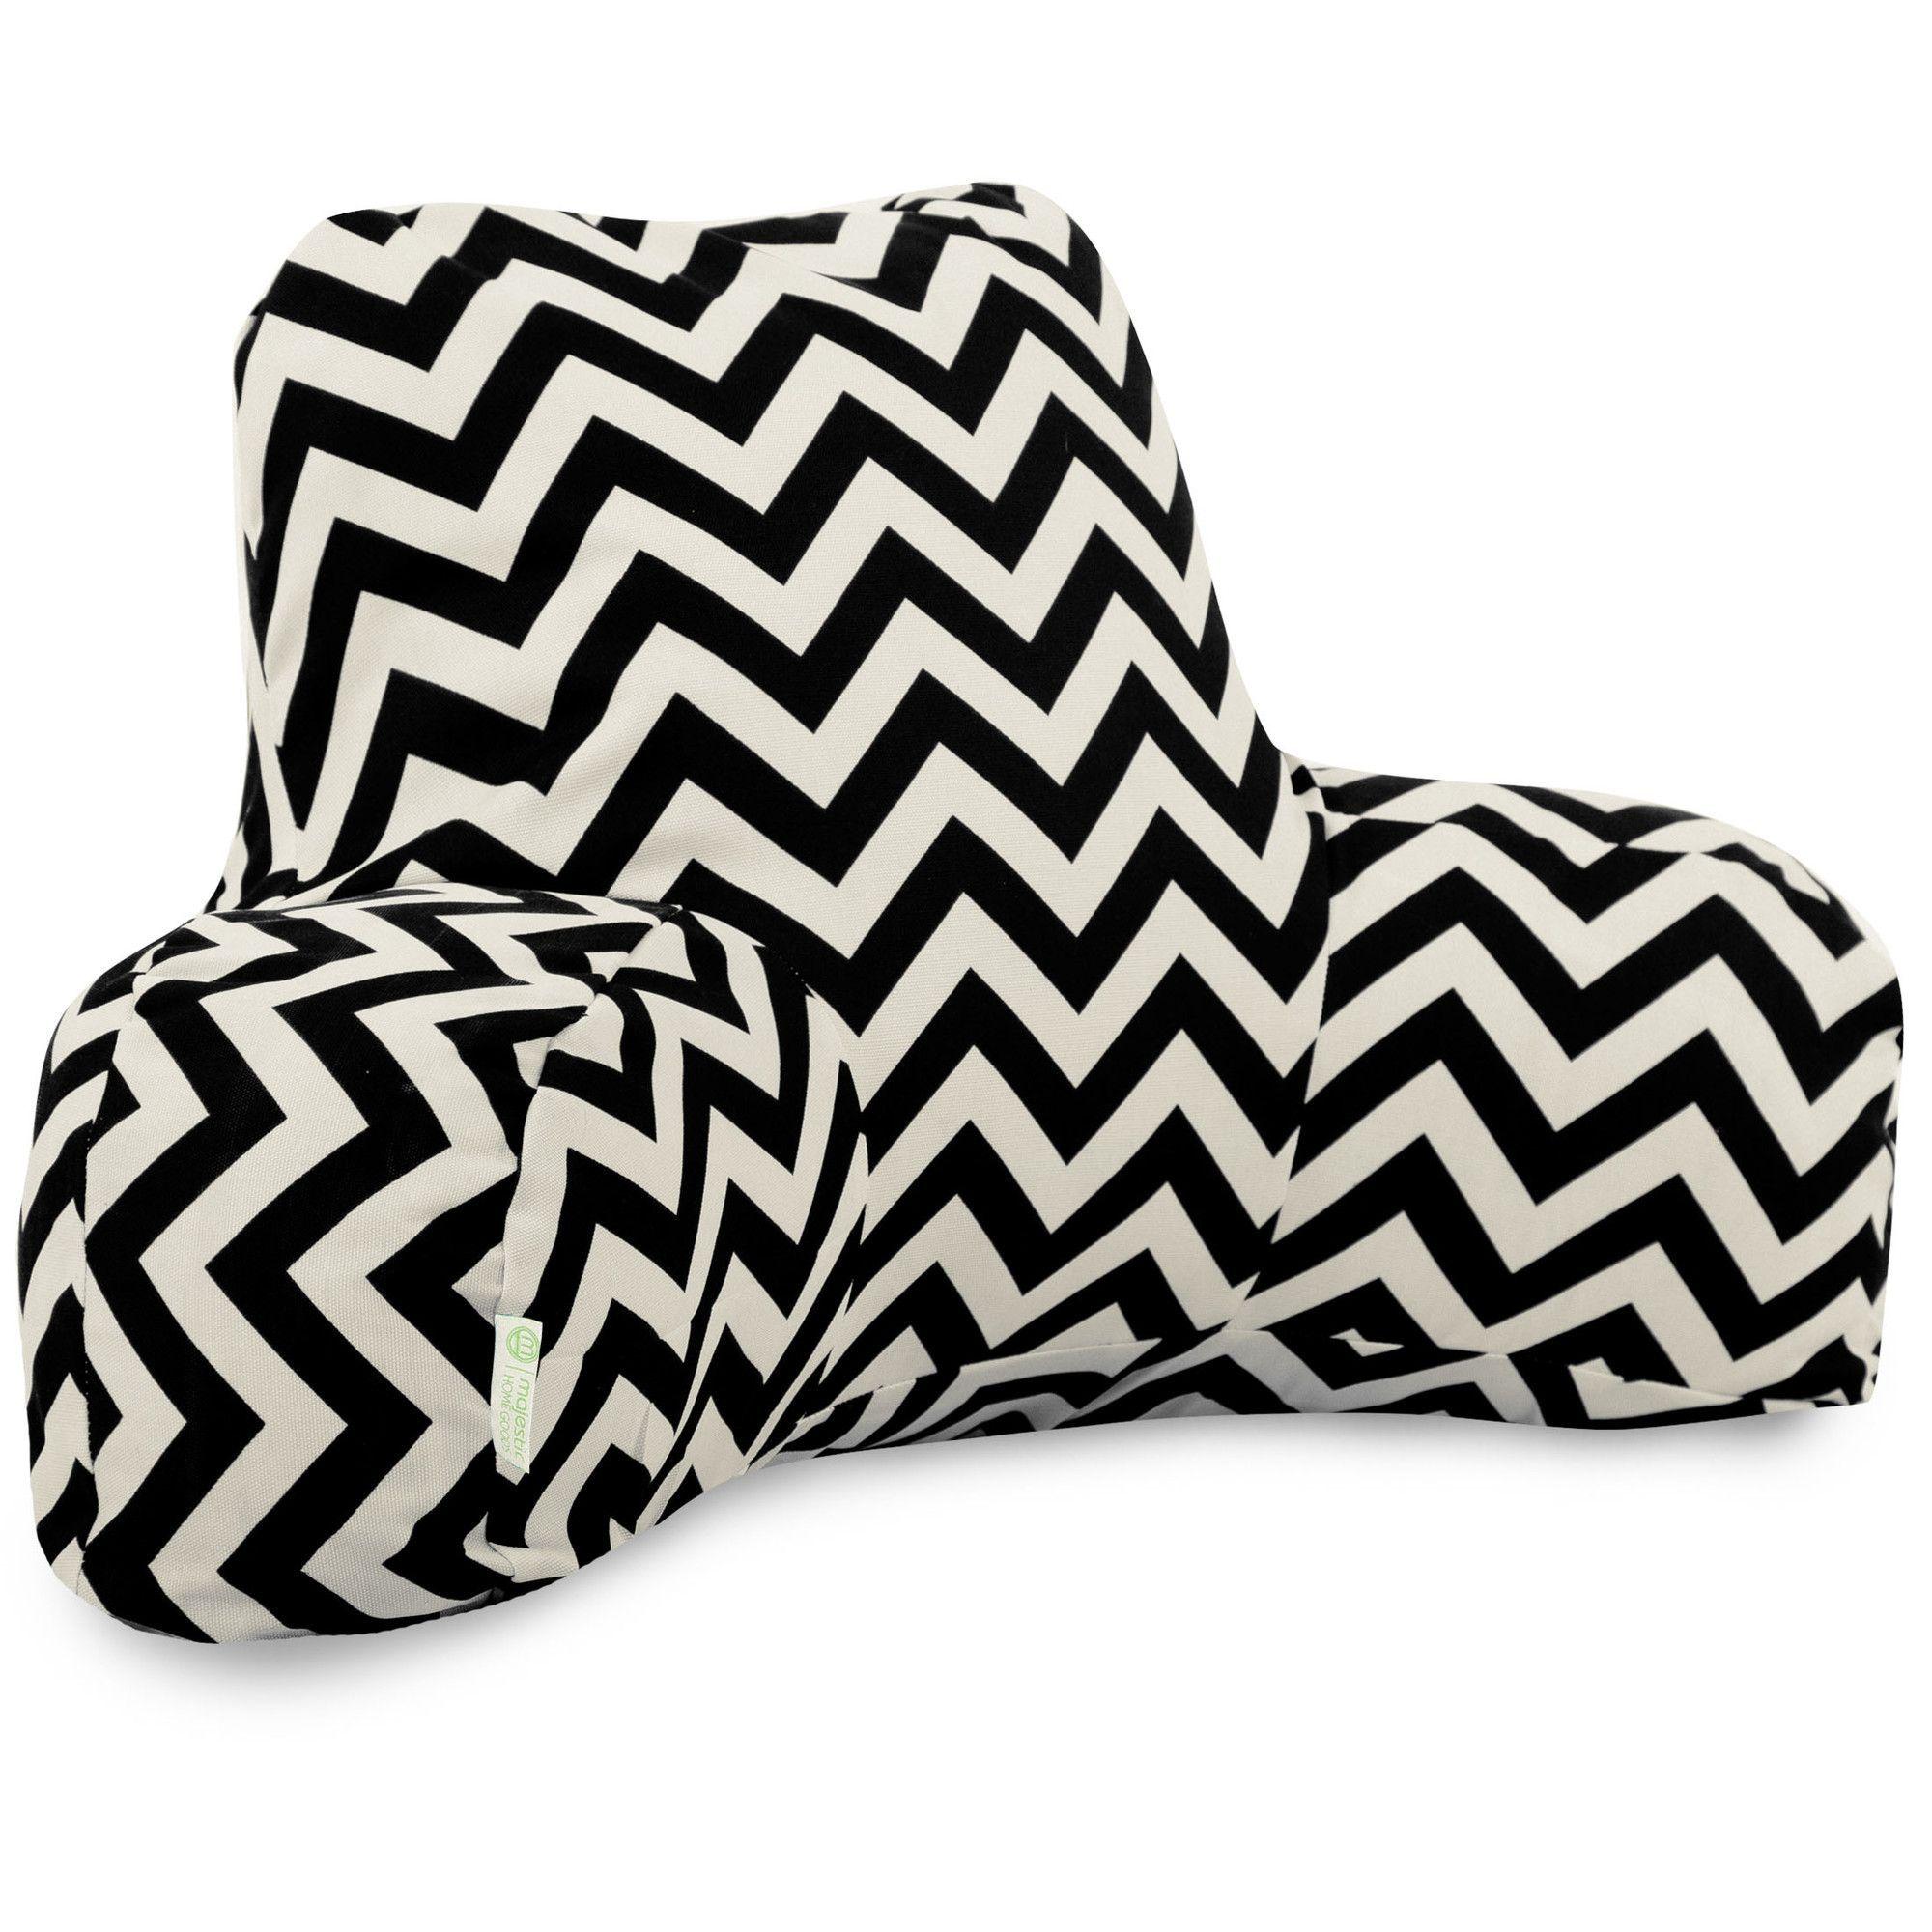 Bed rest pillow black - Chevron Indoor Outdoor Bed Rest Pillow